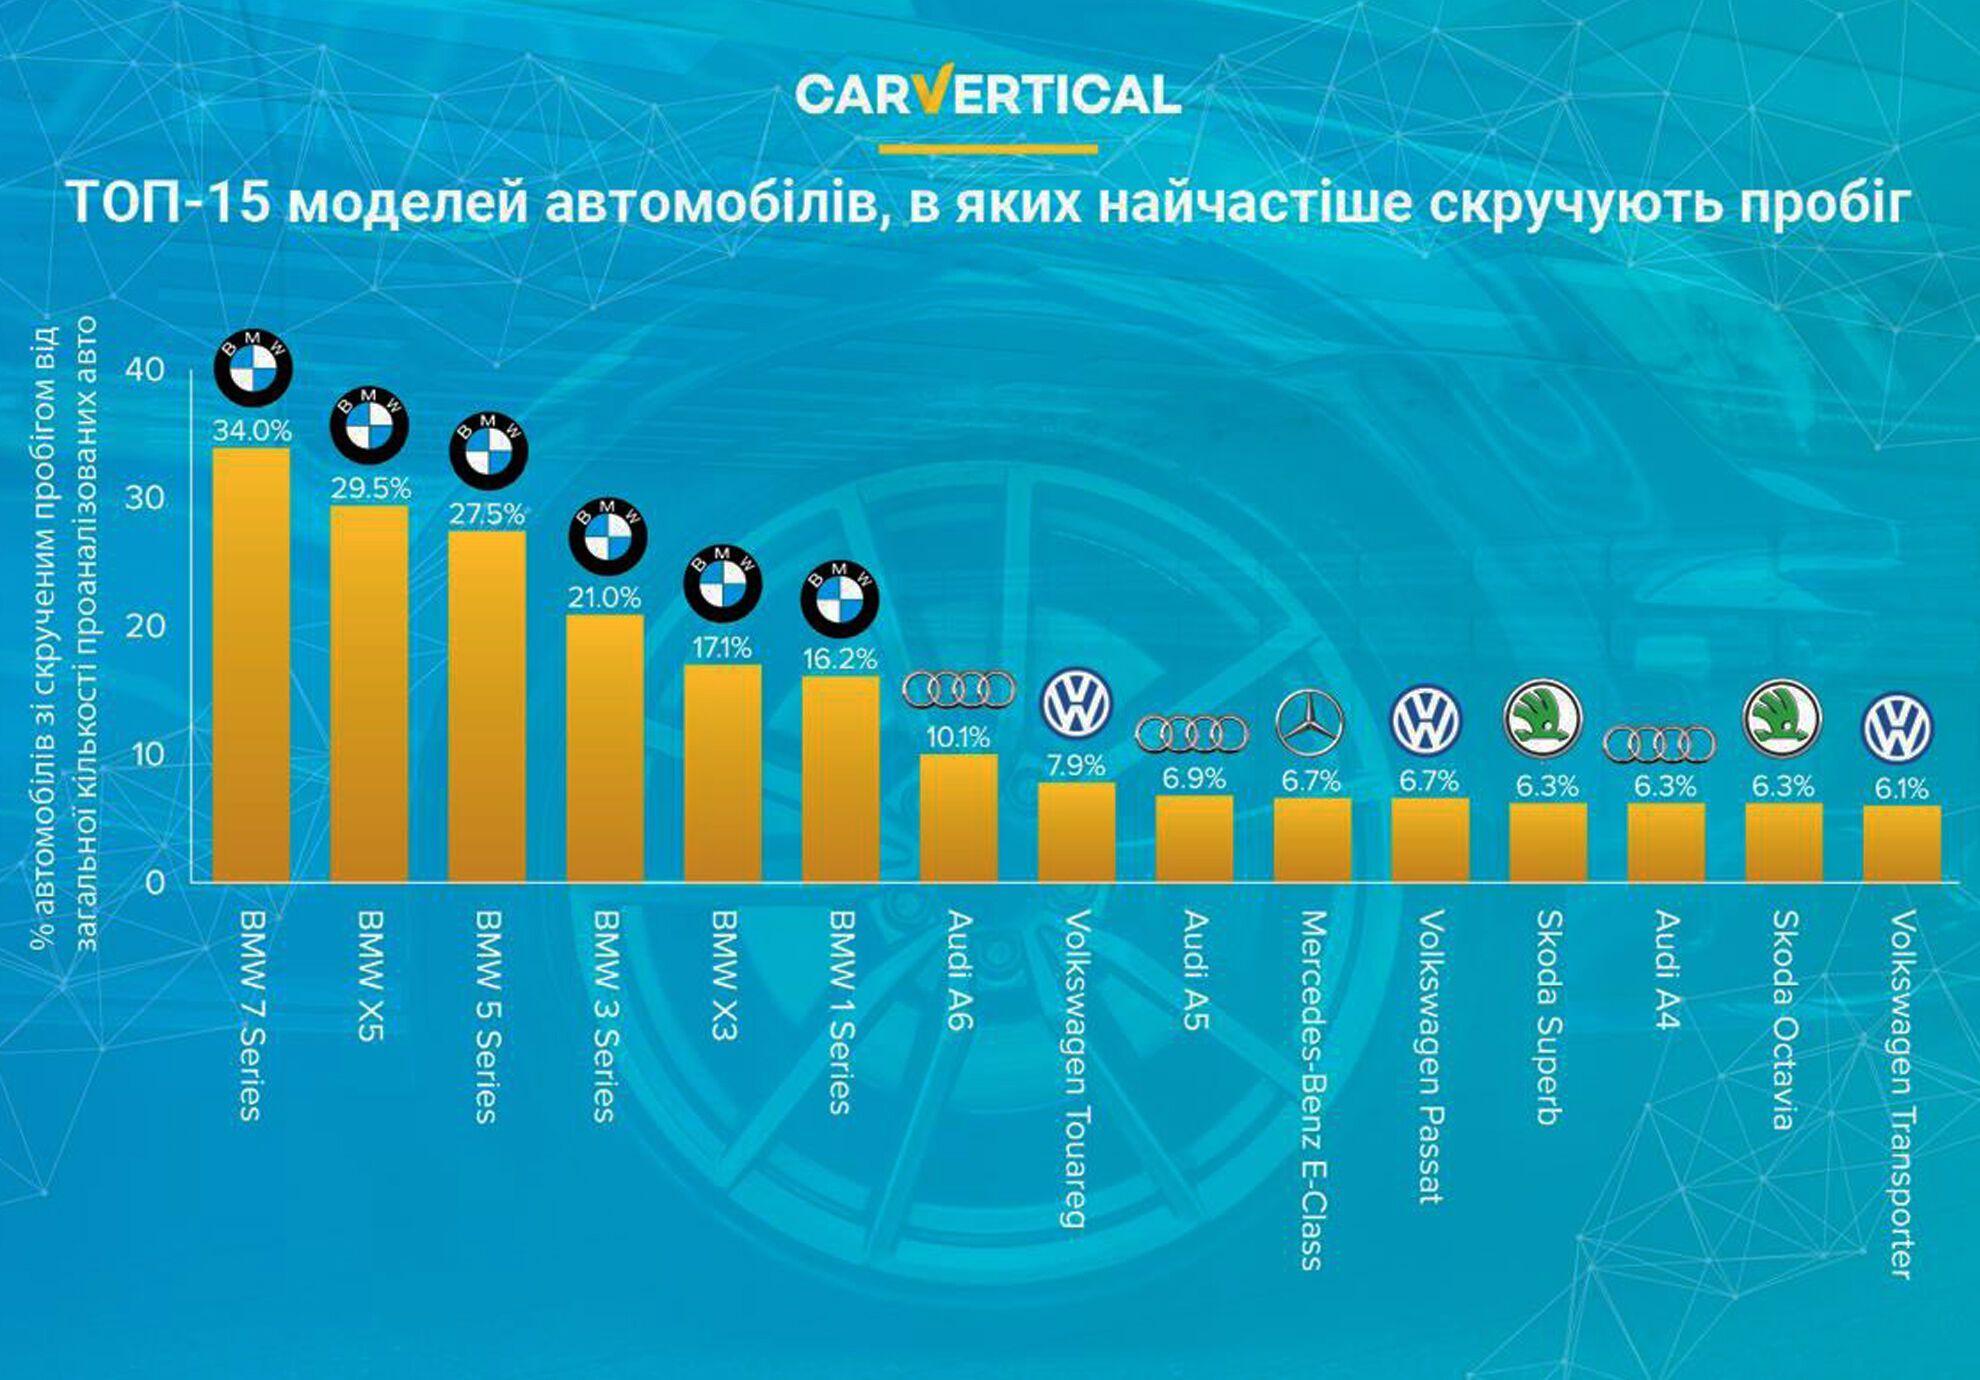 ТОП-15 моделей автомобилей, в которых чаще всего скручивают пробег